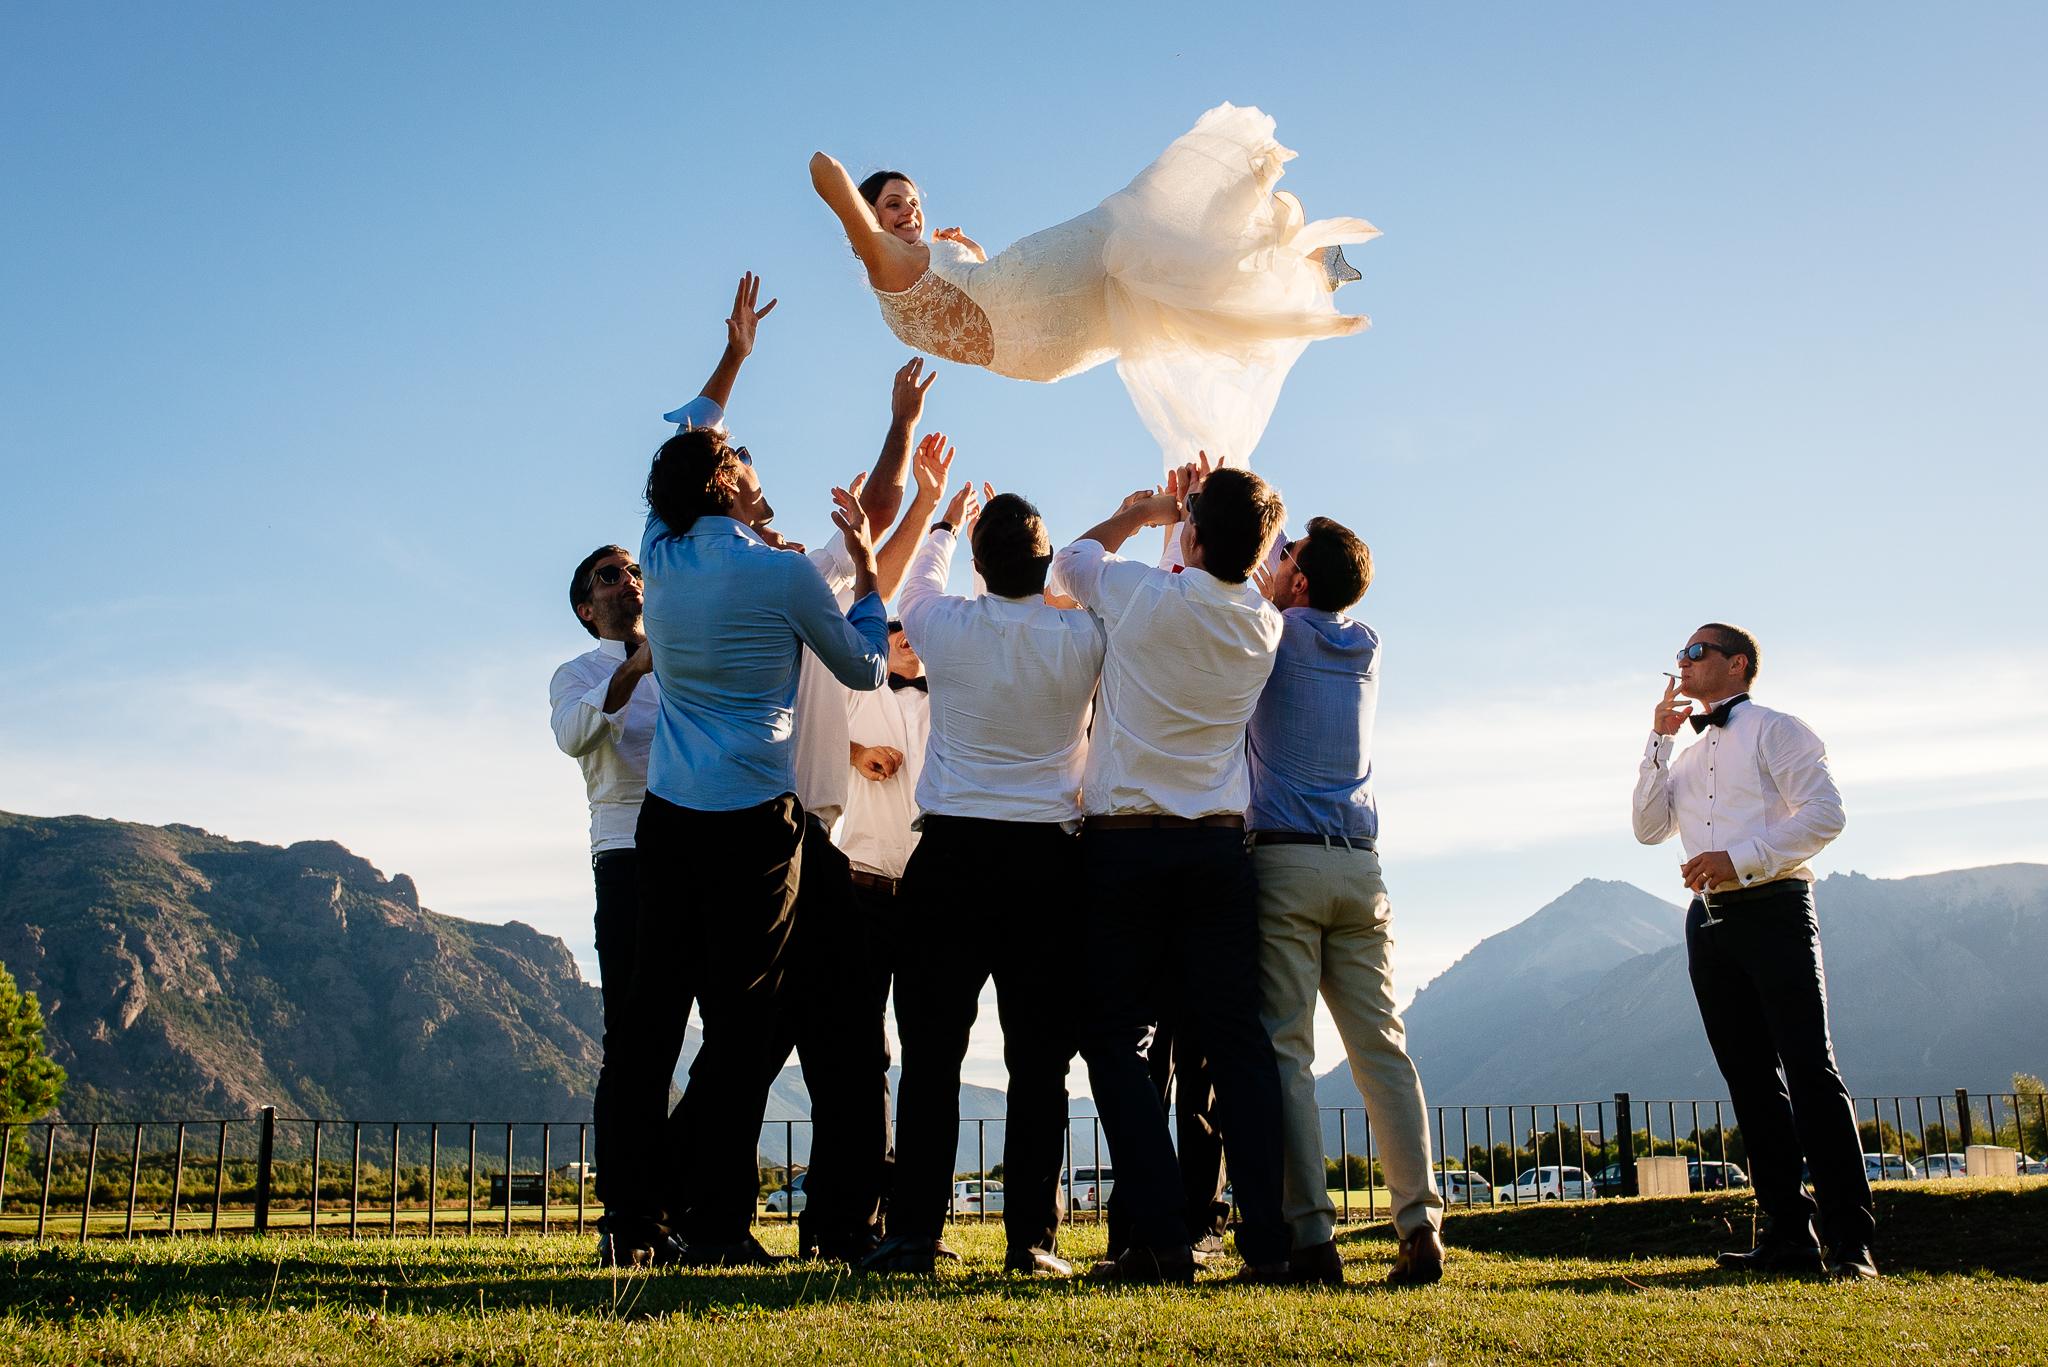 boda-bariloche-maxi-oviedo-fotografo-ramo-vestido-de-novia-64.jpg